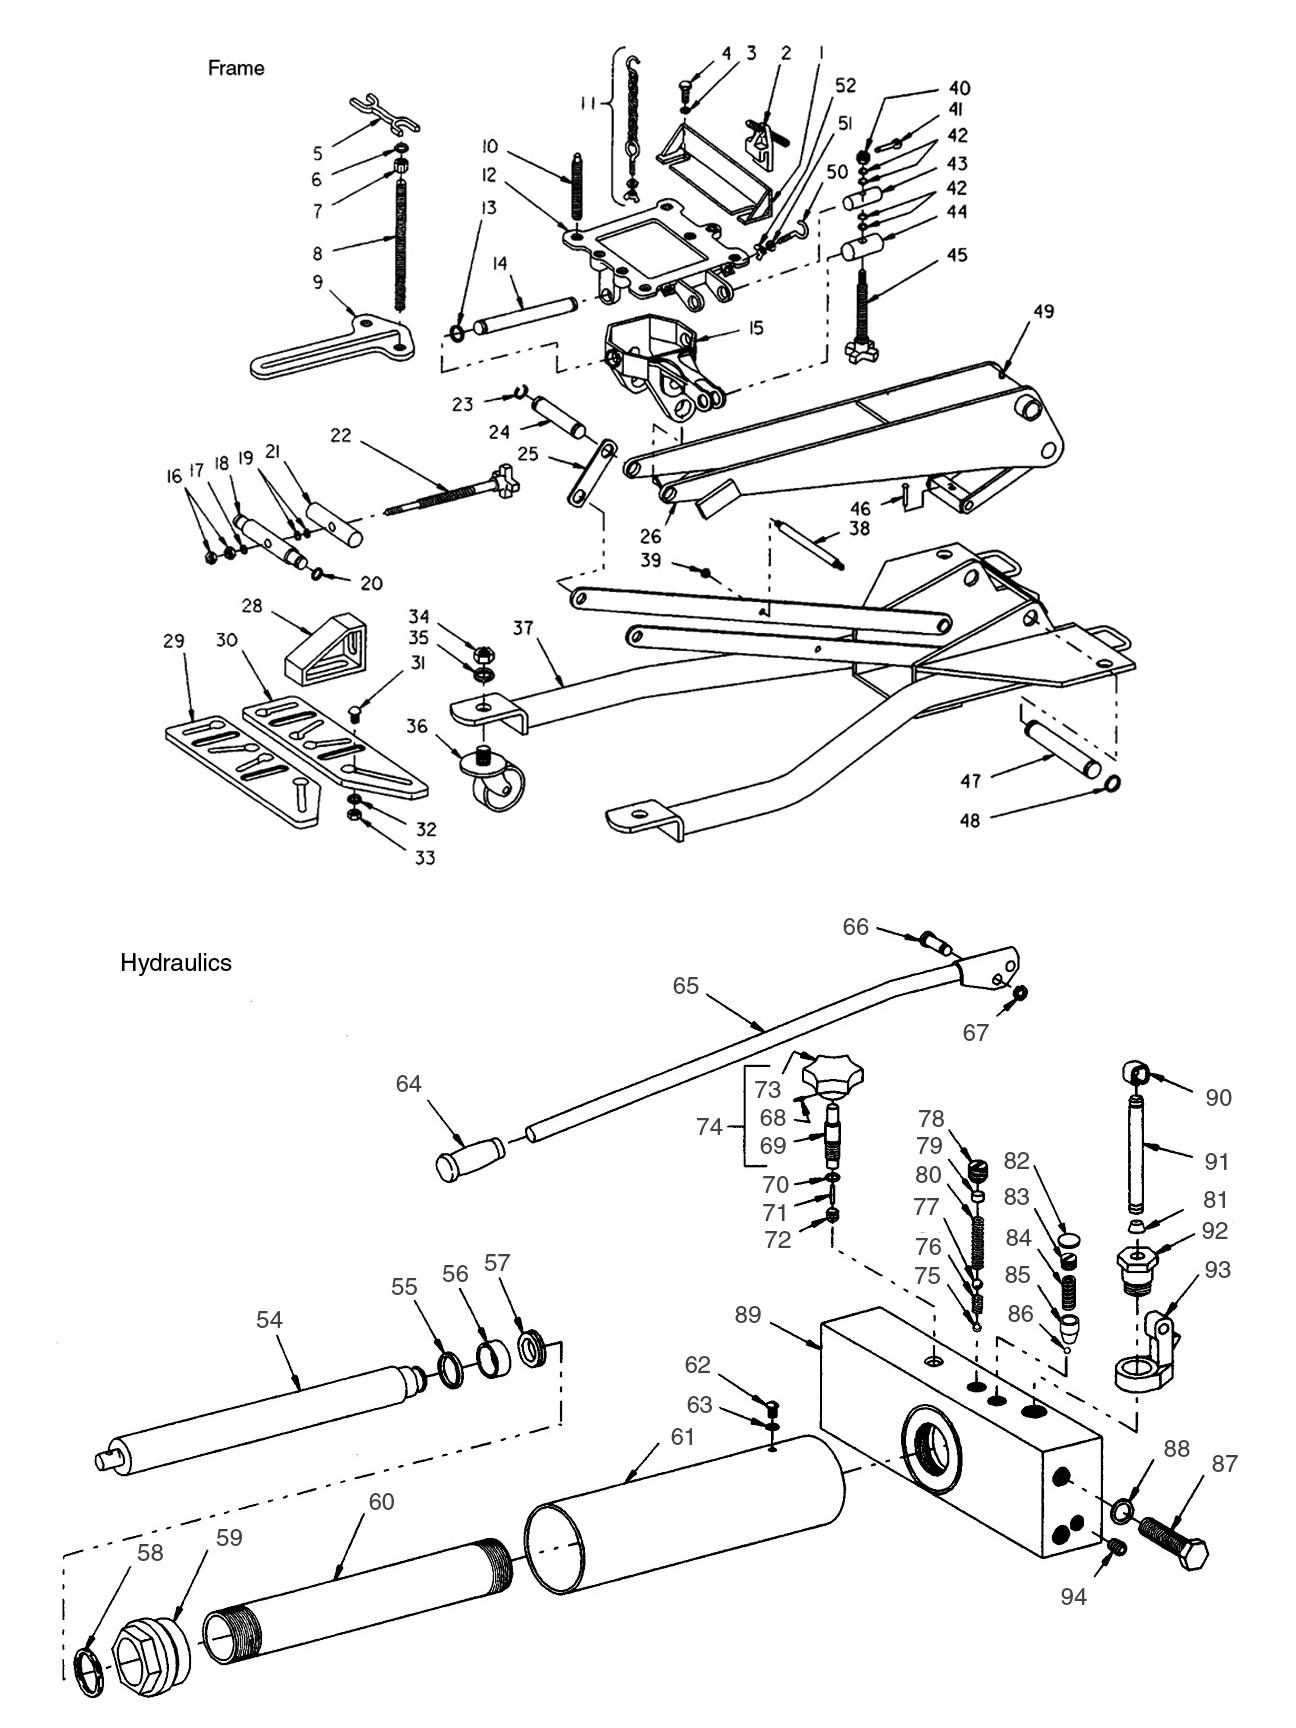 Hydraulic Jack Schematicgram